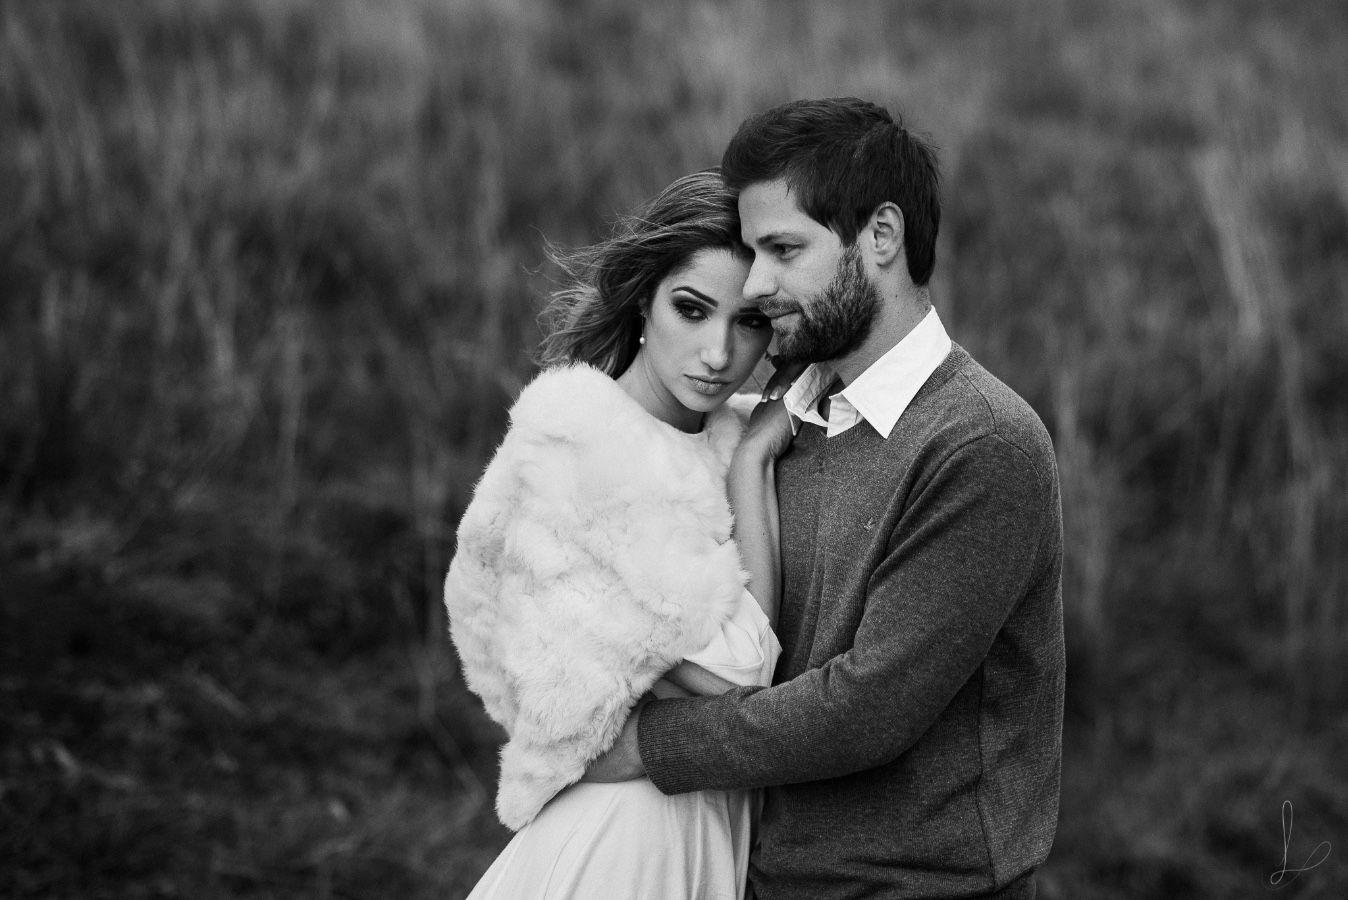 2fe08de4-65ec-437b-90ab-eb2351efdb3b Pré Wedding no interior gaúcho - Nicole e Rafael | Inspire-se